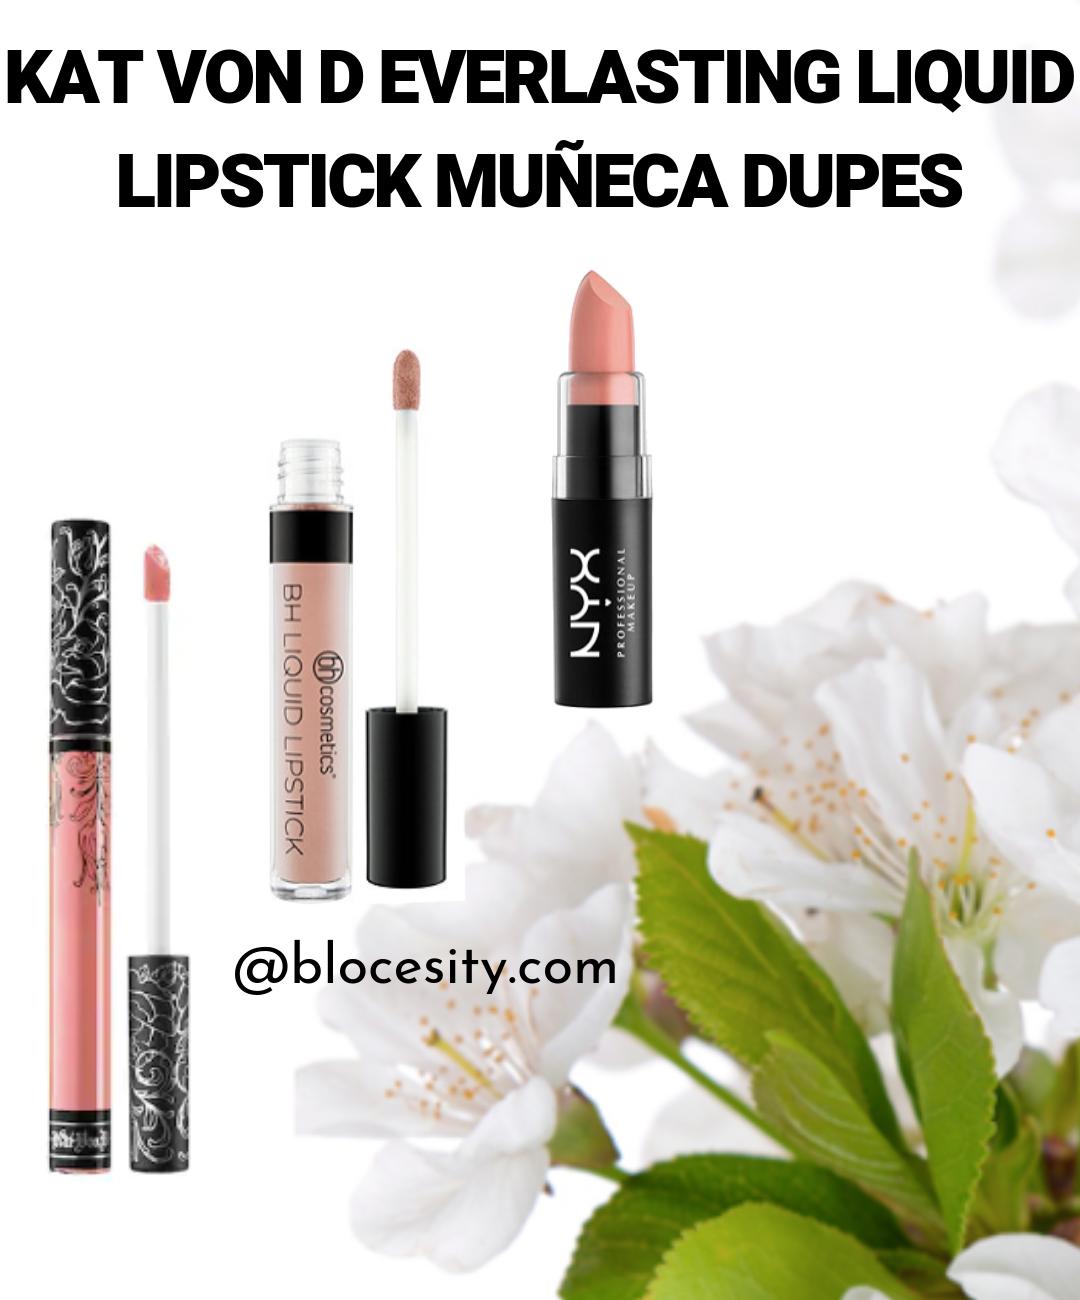 Kat Von D Everlasting Liquid Lipstick Muneca Dupe 1 of 4